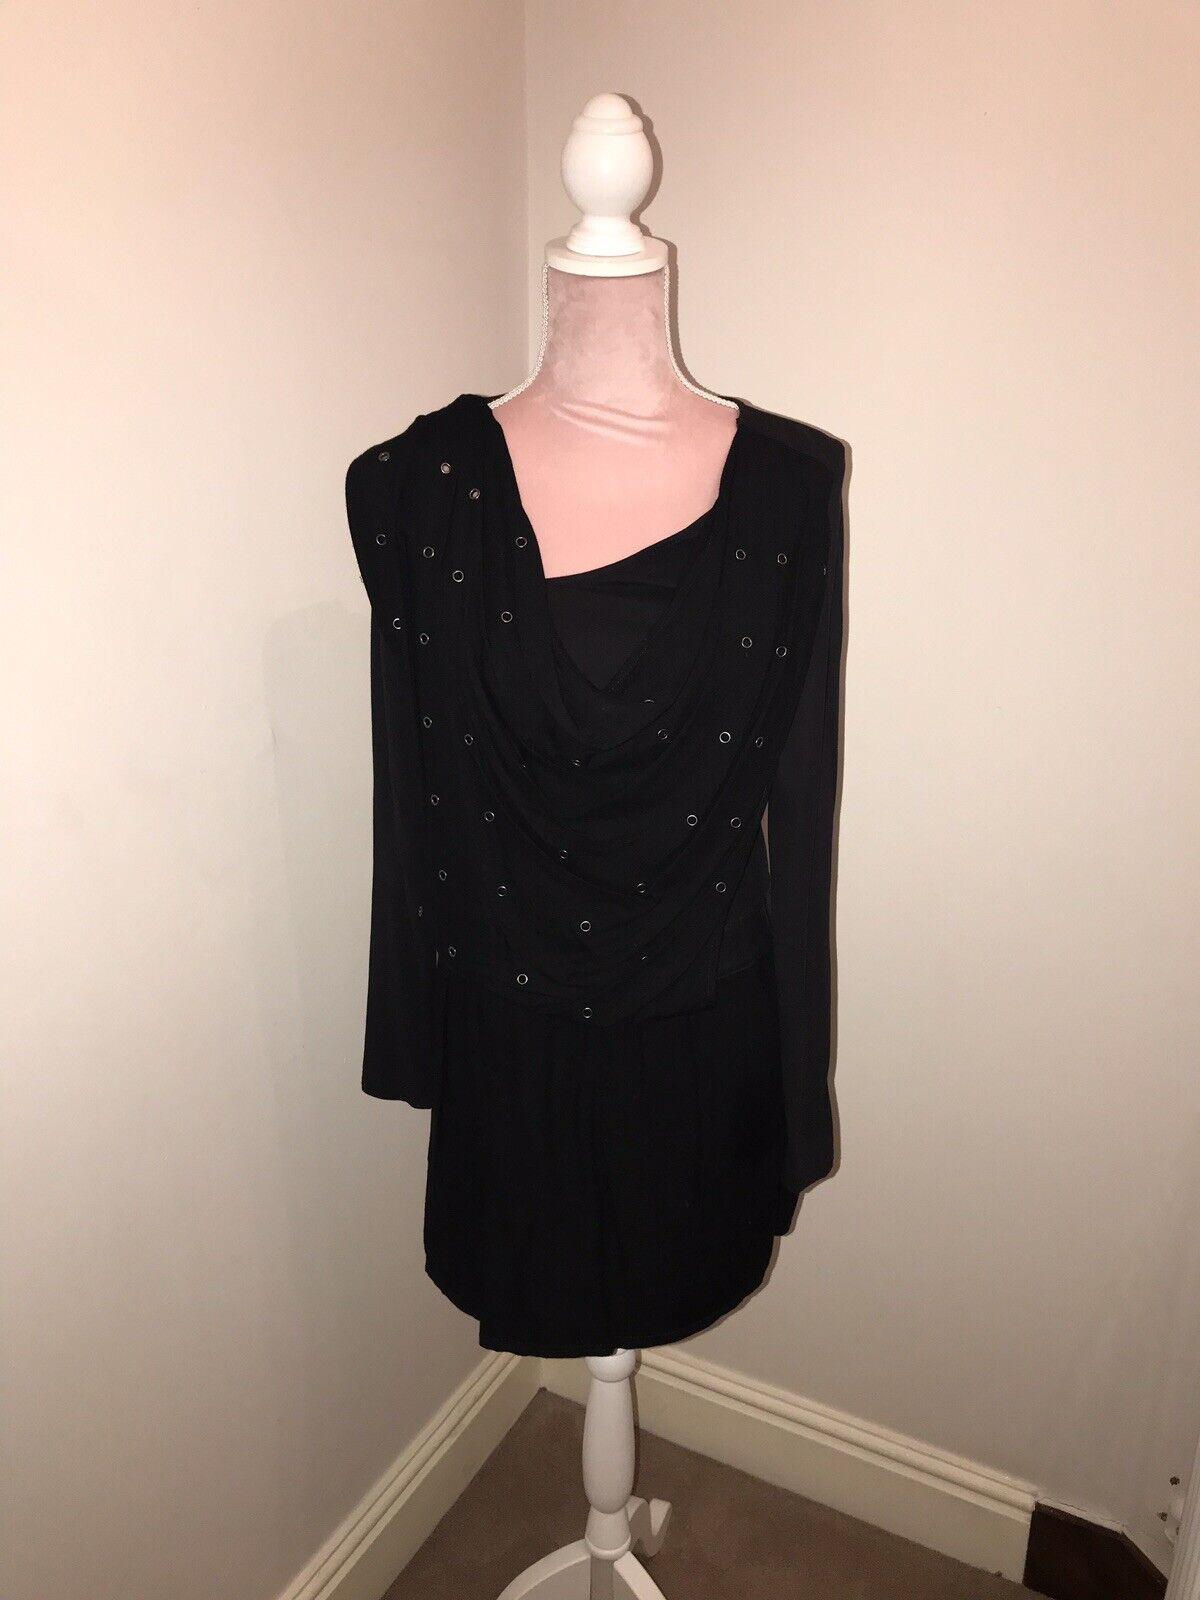 DKNY  Jeans Size 4 Dress